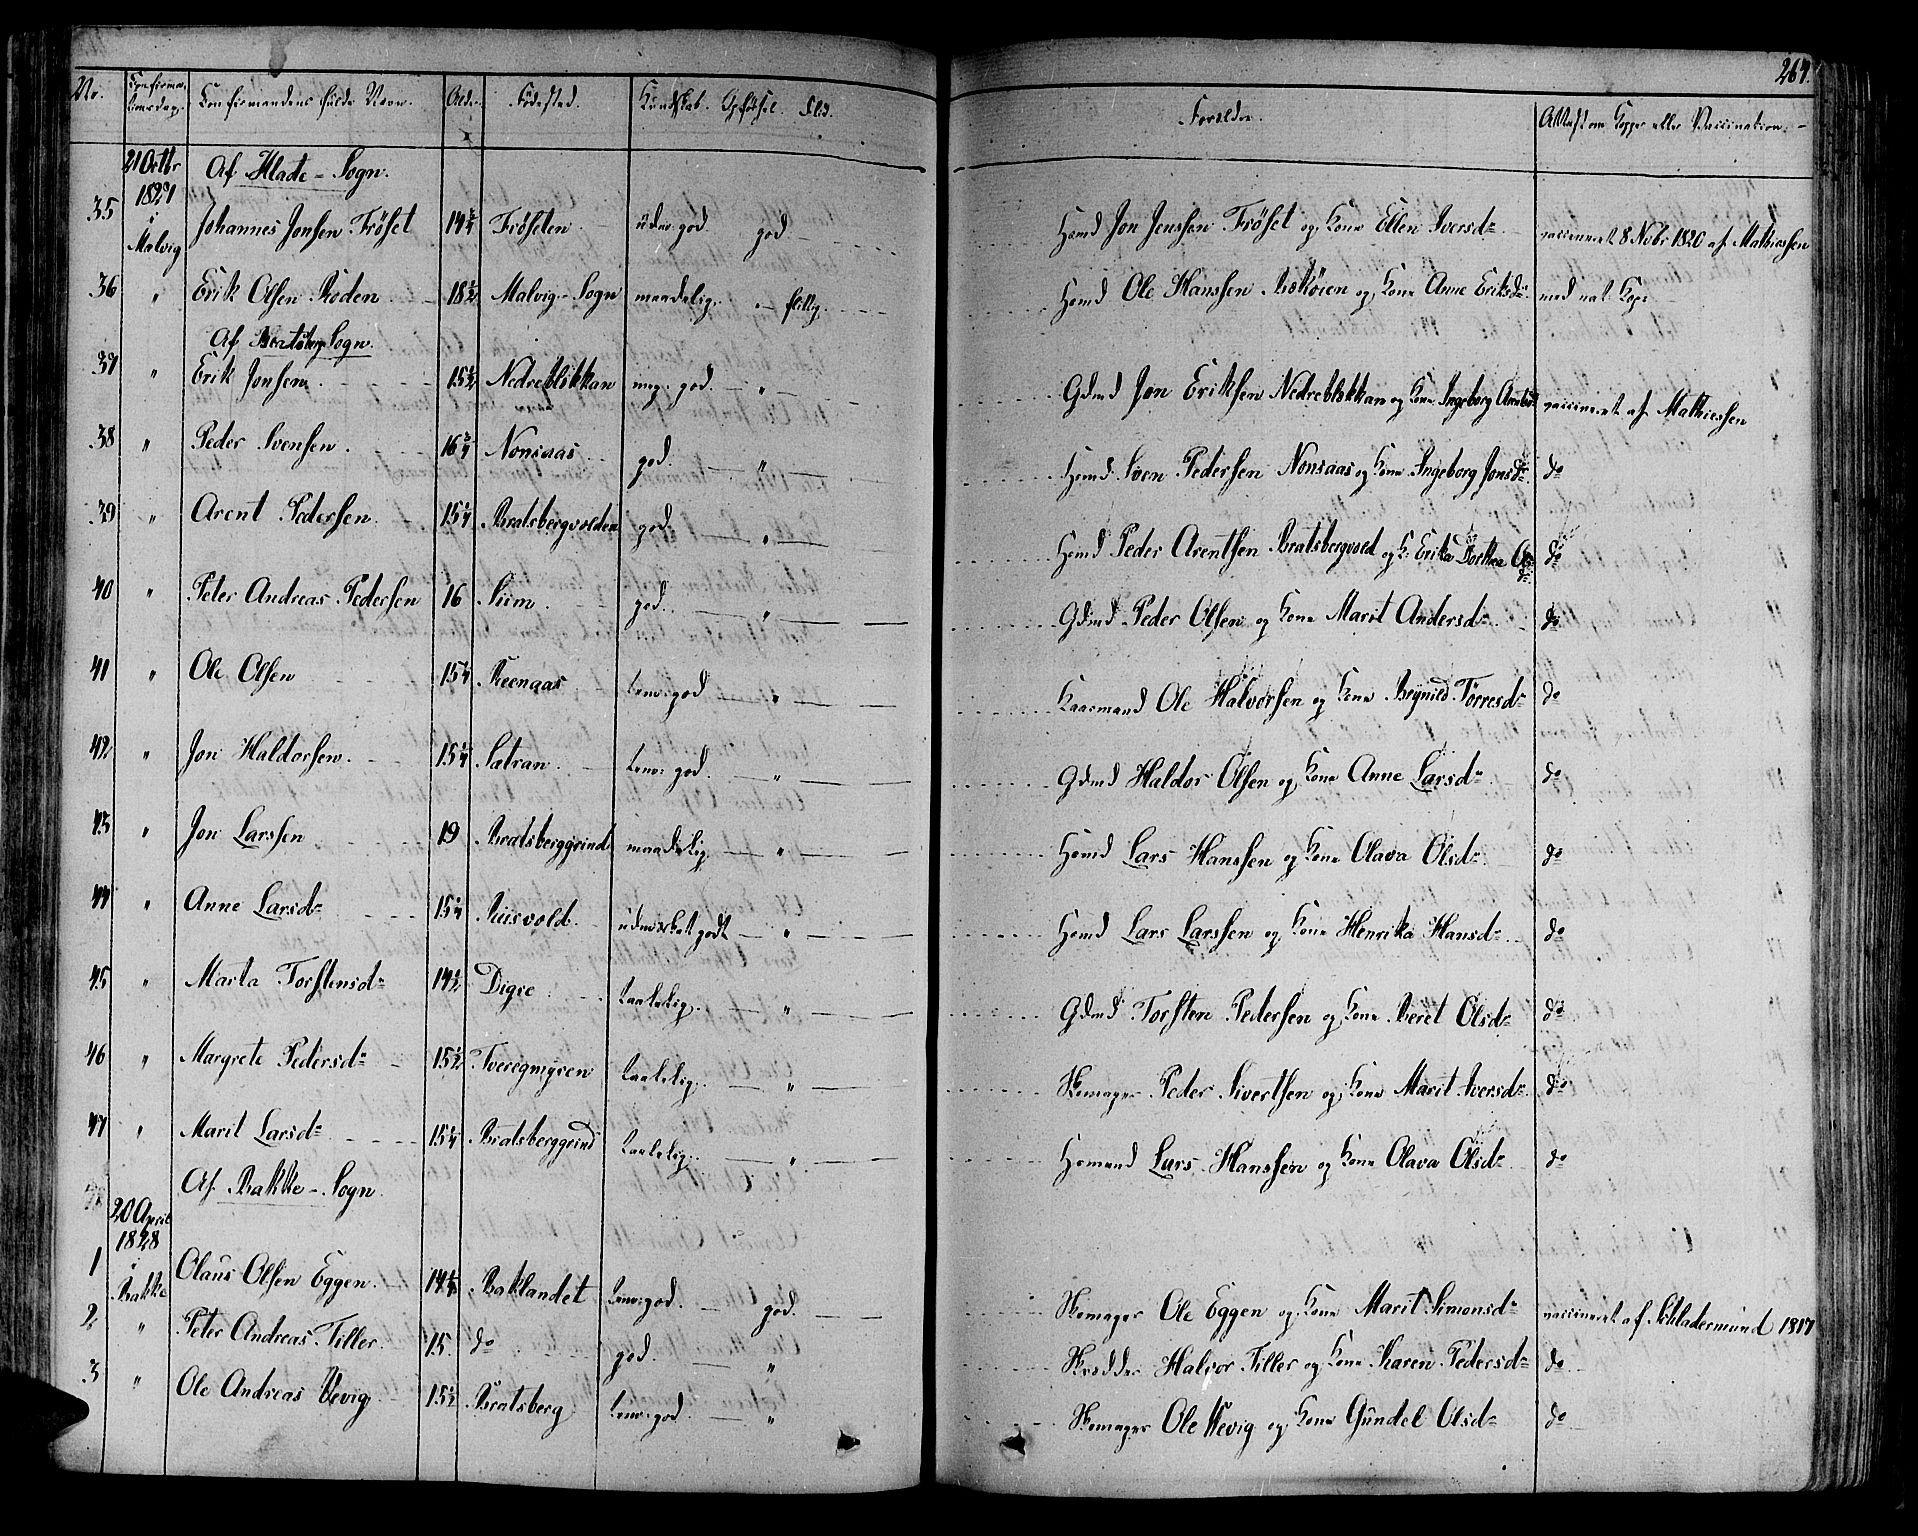 SAT, Ministerialprotokoller, klokkerbøker og fødselsregistre - Sør-Trøndelag, 606/L0286: Ministerialbok nr. 606A04 /1, 1823-1840, s. 264